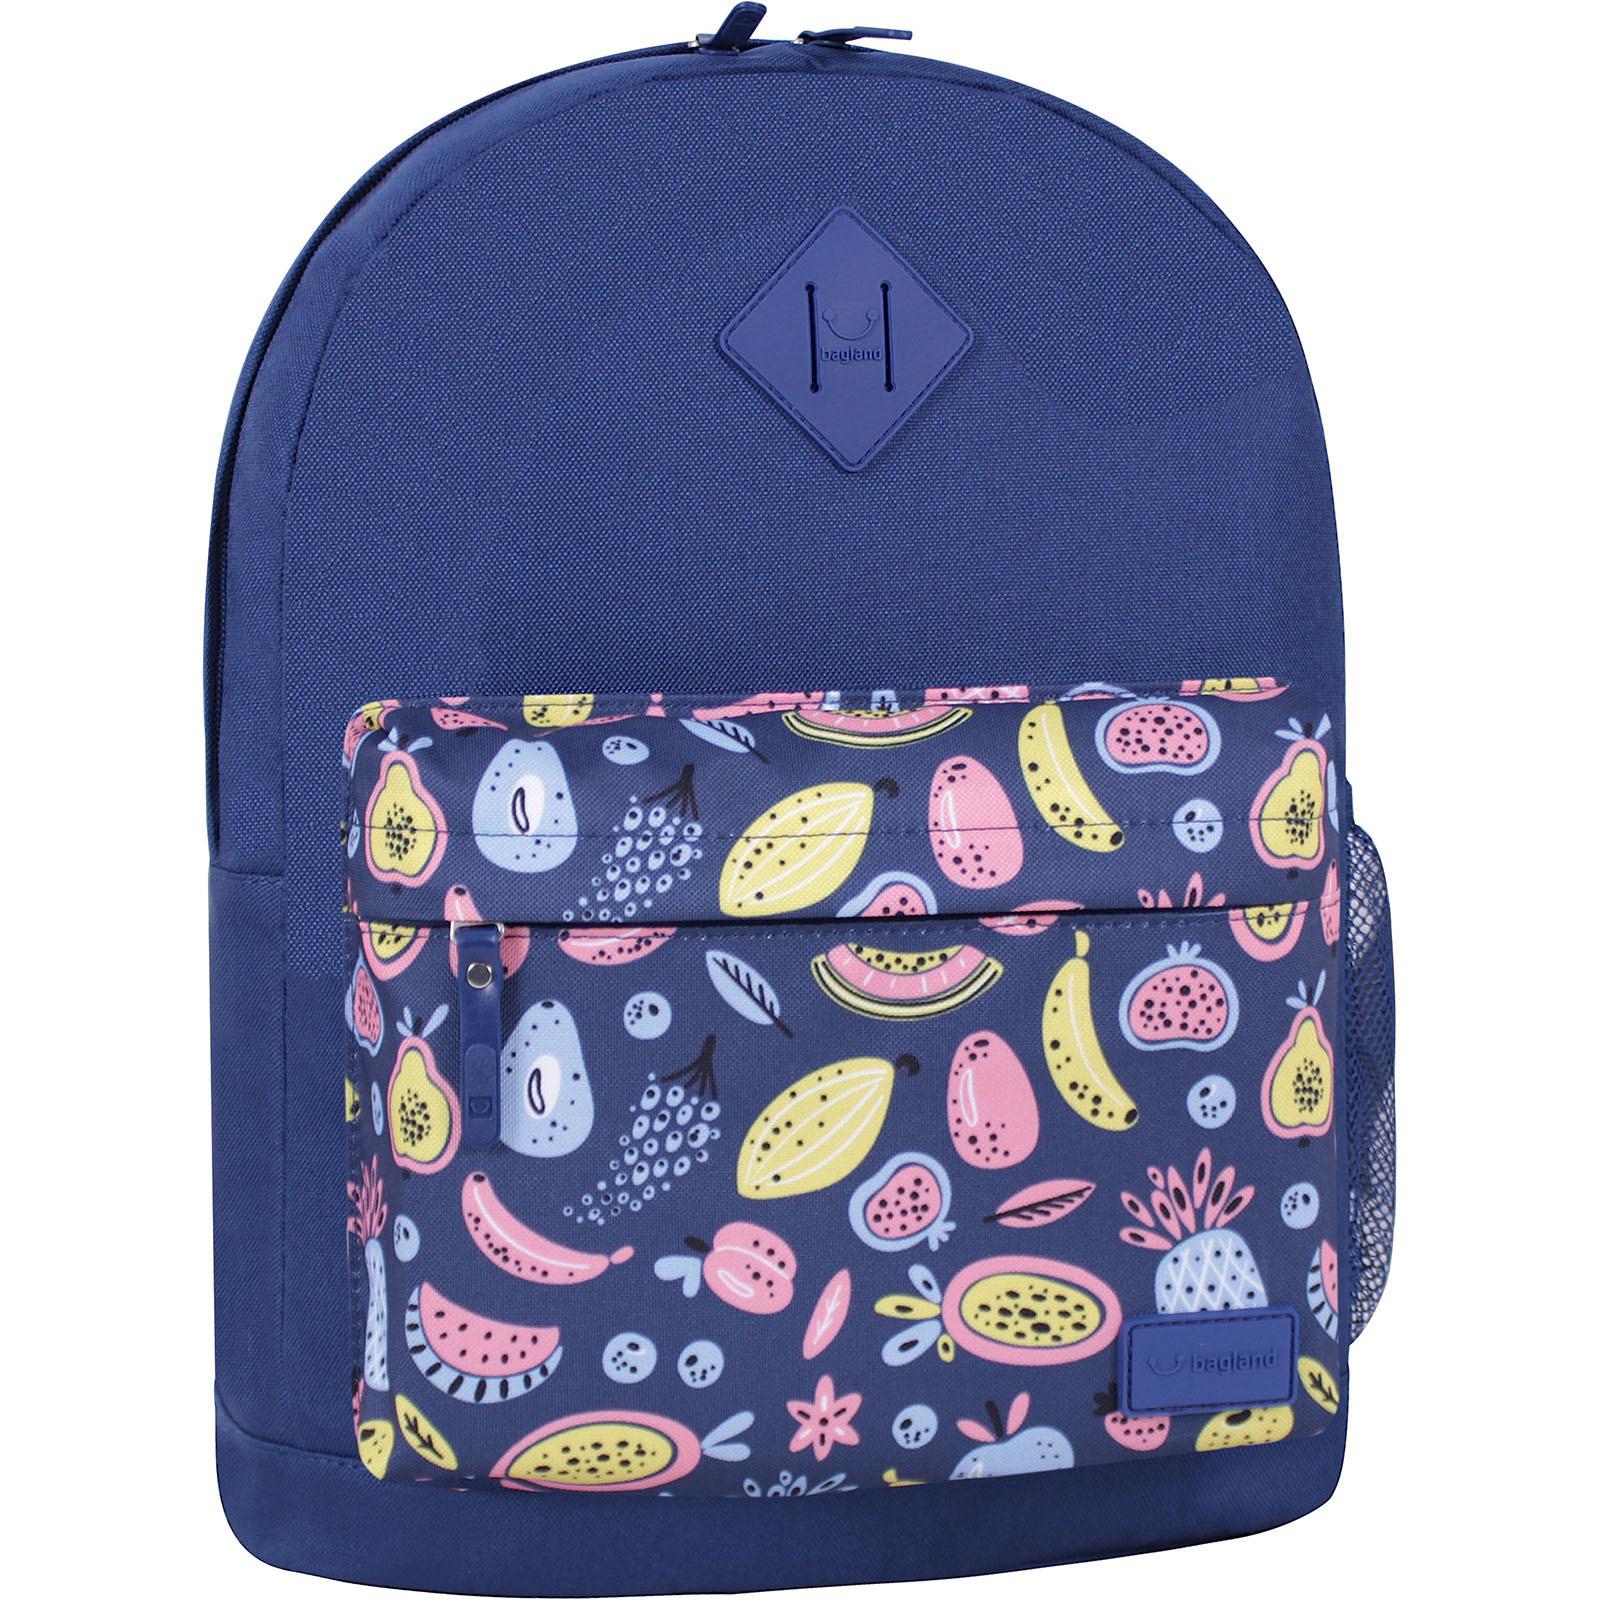 Молодежные рюкзаки Рюкзак Bagland Молодежный W/R 17 л. Синий 765 (00533662) IMG_6543_суб.765_-1600.jpg